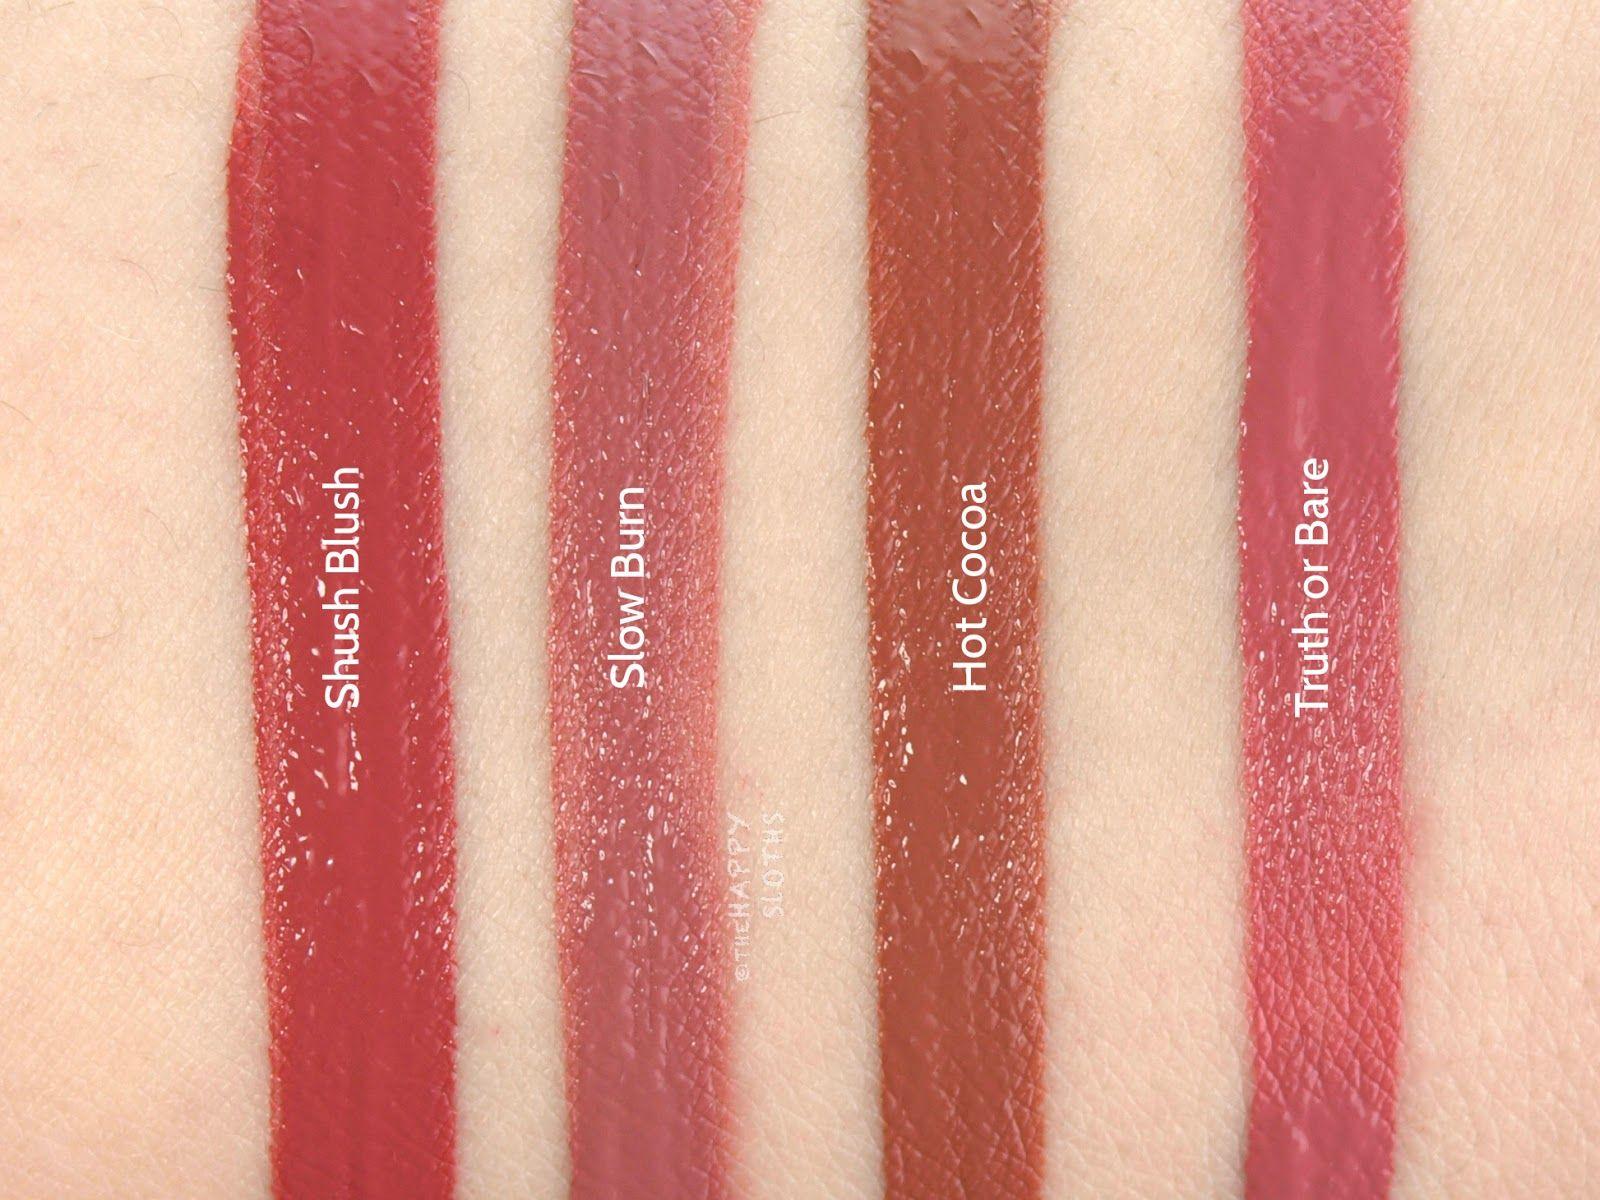 Le Marc Liquid Lip Creme by Marc Jacobs Beauty #14